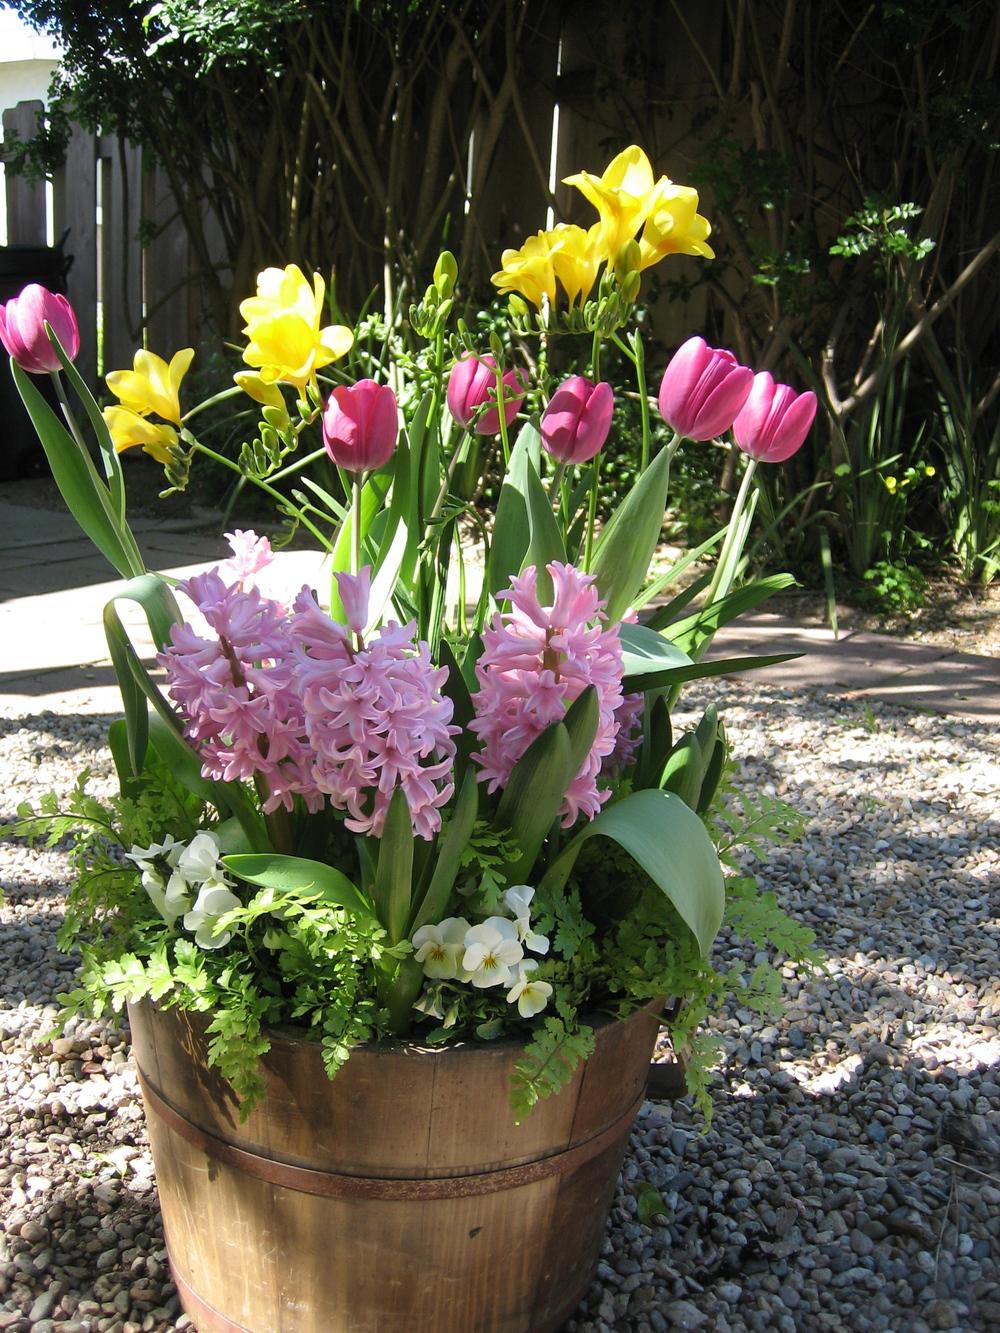 Bucket Of Spring Bulbs